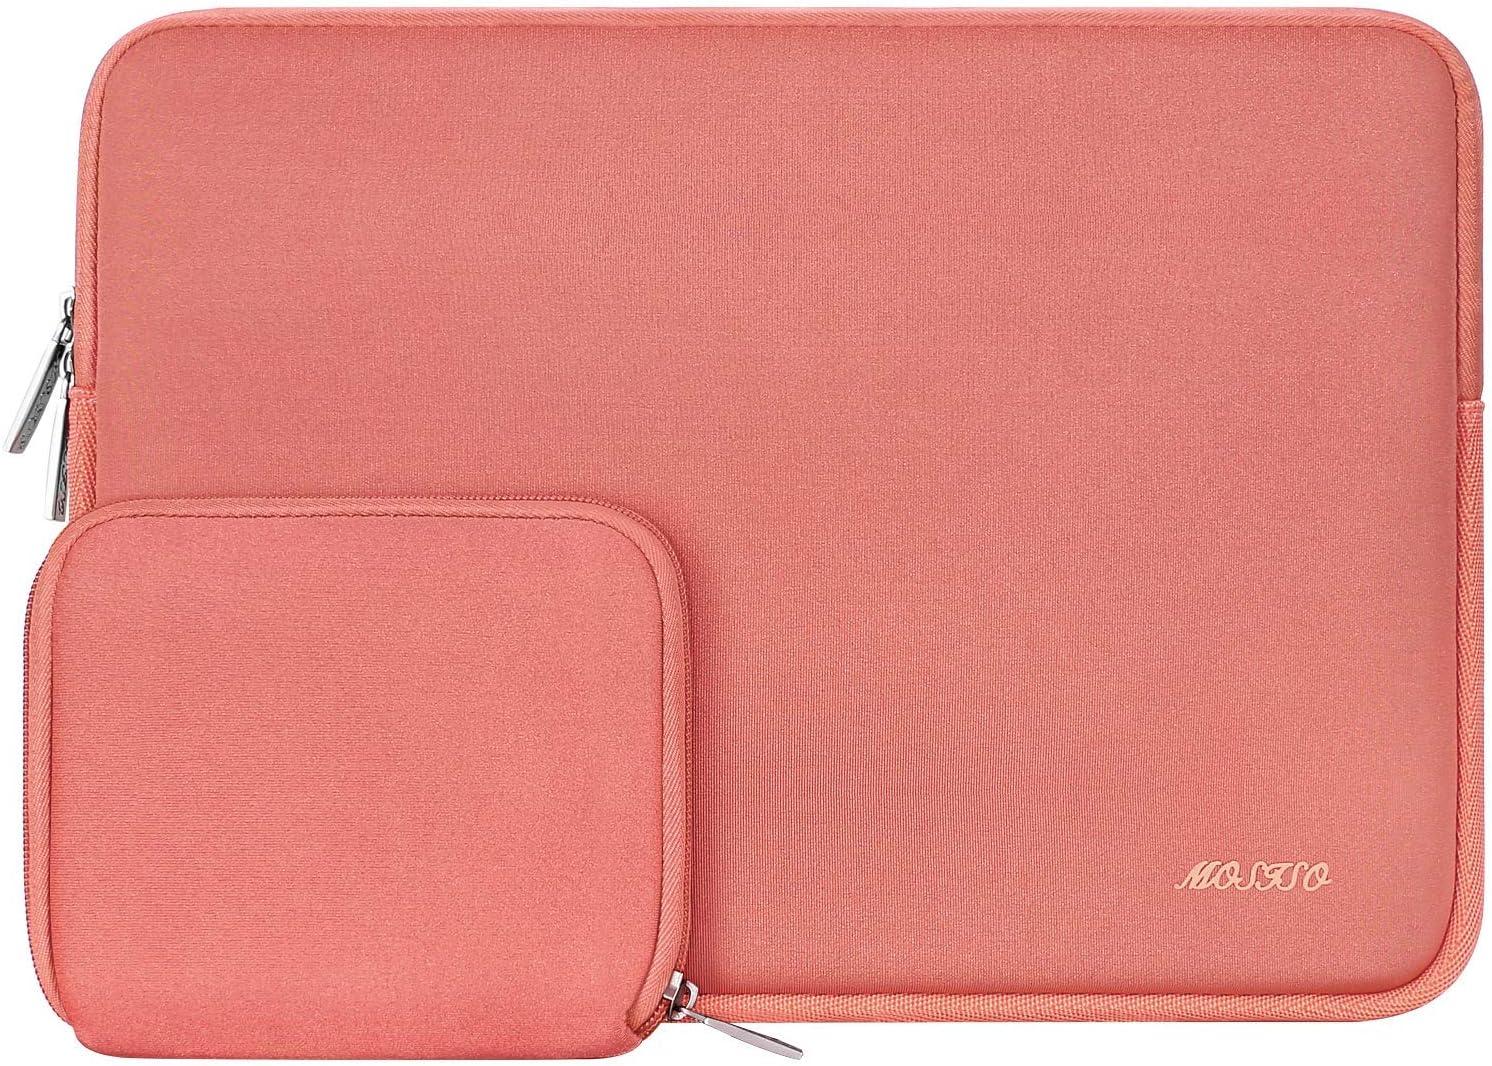 MOSISO Funda Protectora Compatible con 13-13.3 Pulgadas MacBook Air/MacBook Pro/Ordenador Portátil, Bolsa Blanda de Neopreno Agua Repelente con Pequeño Caso, Living Coral